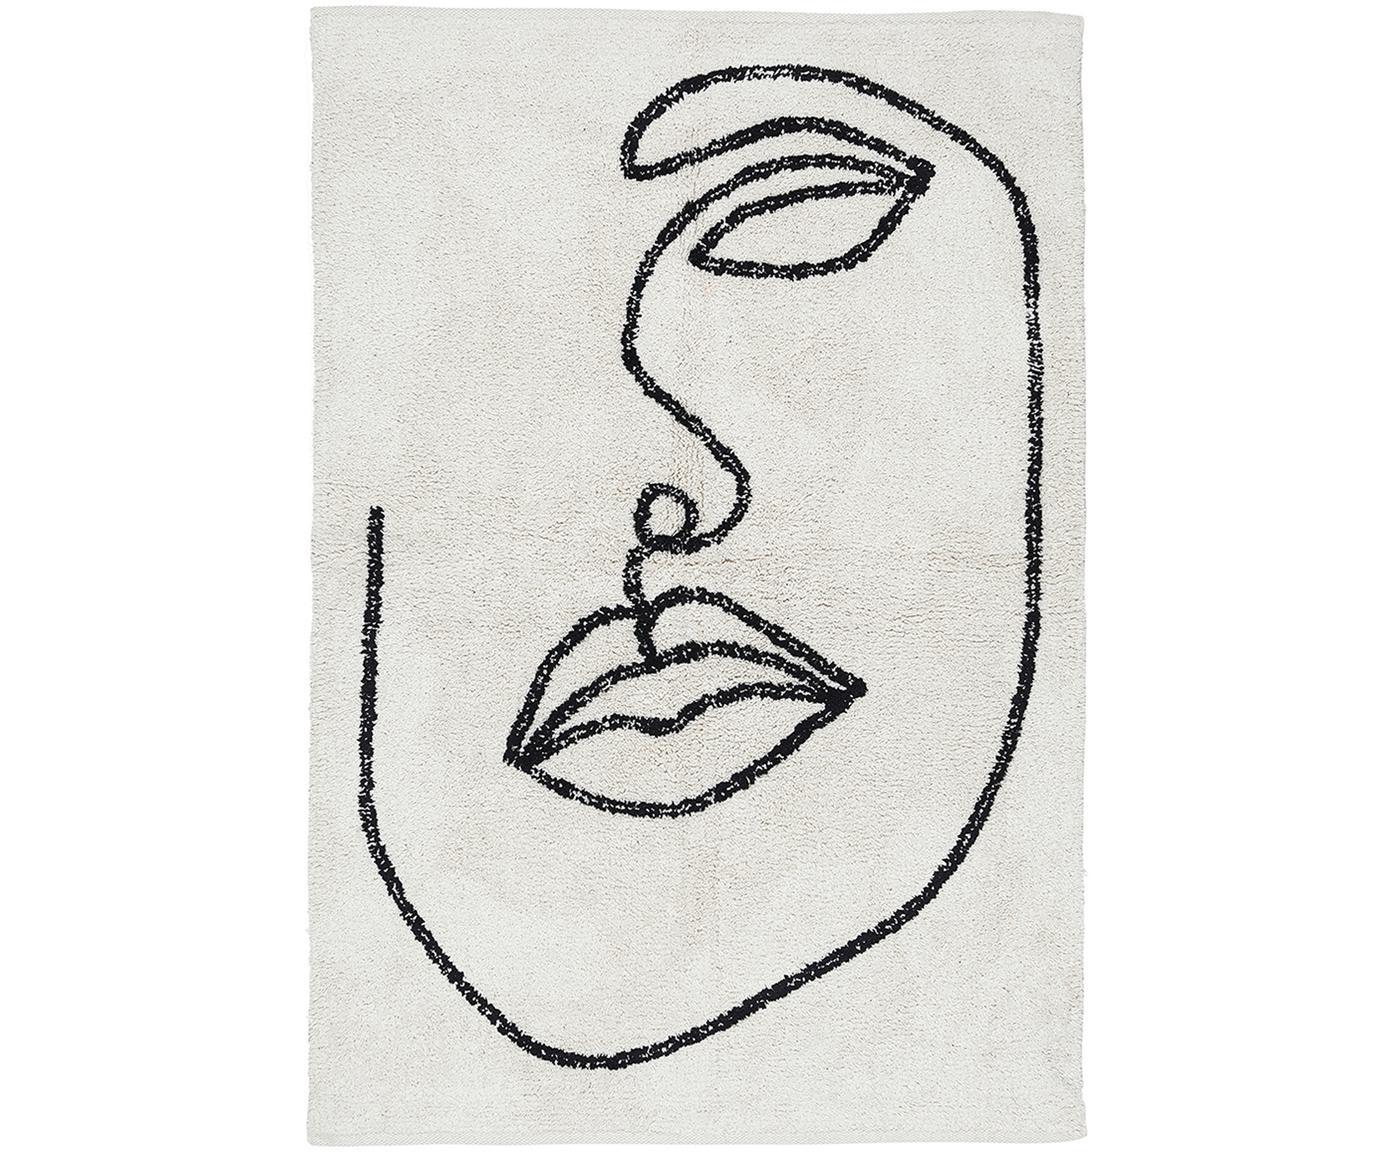 Baumwollteppich Visage mit abstrakter One Line Zeichnung, 100% Bio-Baumwolle, Gebrochenes Weiss, Schwarz, B 90 x L 120 cm (Grösse XS)